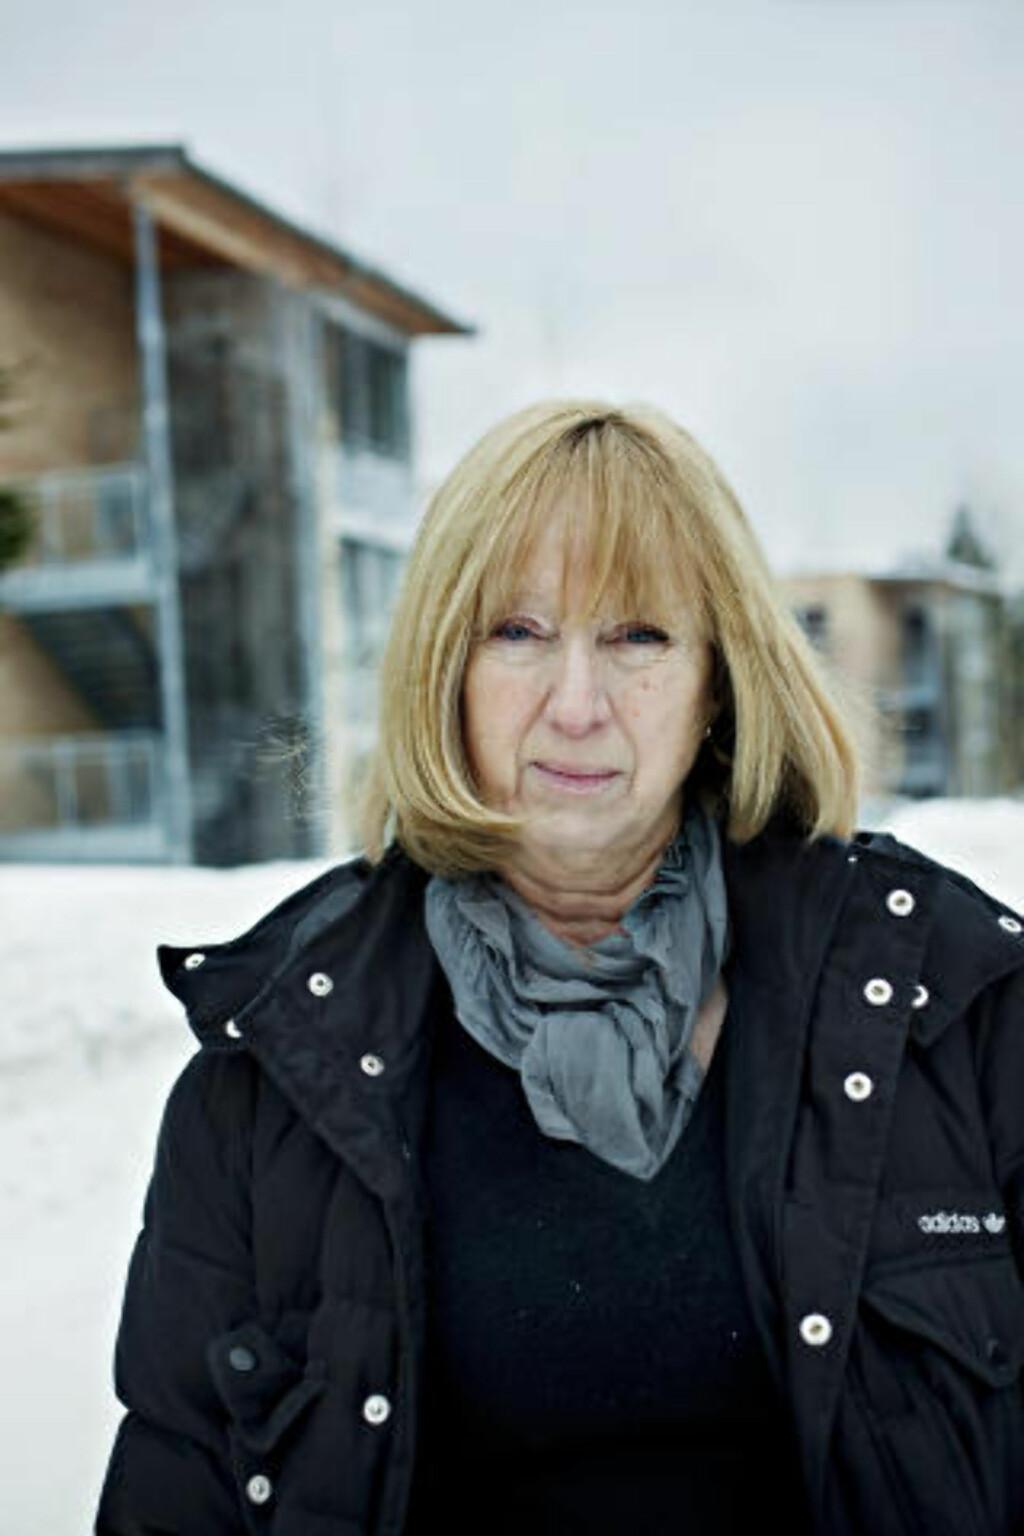 FØLER SEG SVEKET: - Vi har følt oss så sviktet, forlatt og alene. Politikerne må skjønne hva de gjør mot oss, sier sykepleier ved Midtåsenhjemmet på Nordstrand, Birgit Rekvig Berg. Foto: NINA HANSEN/DAGBLADET